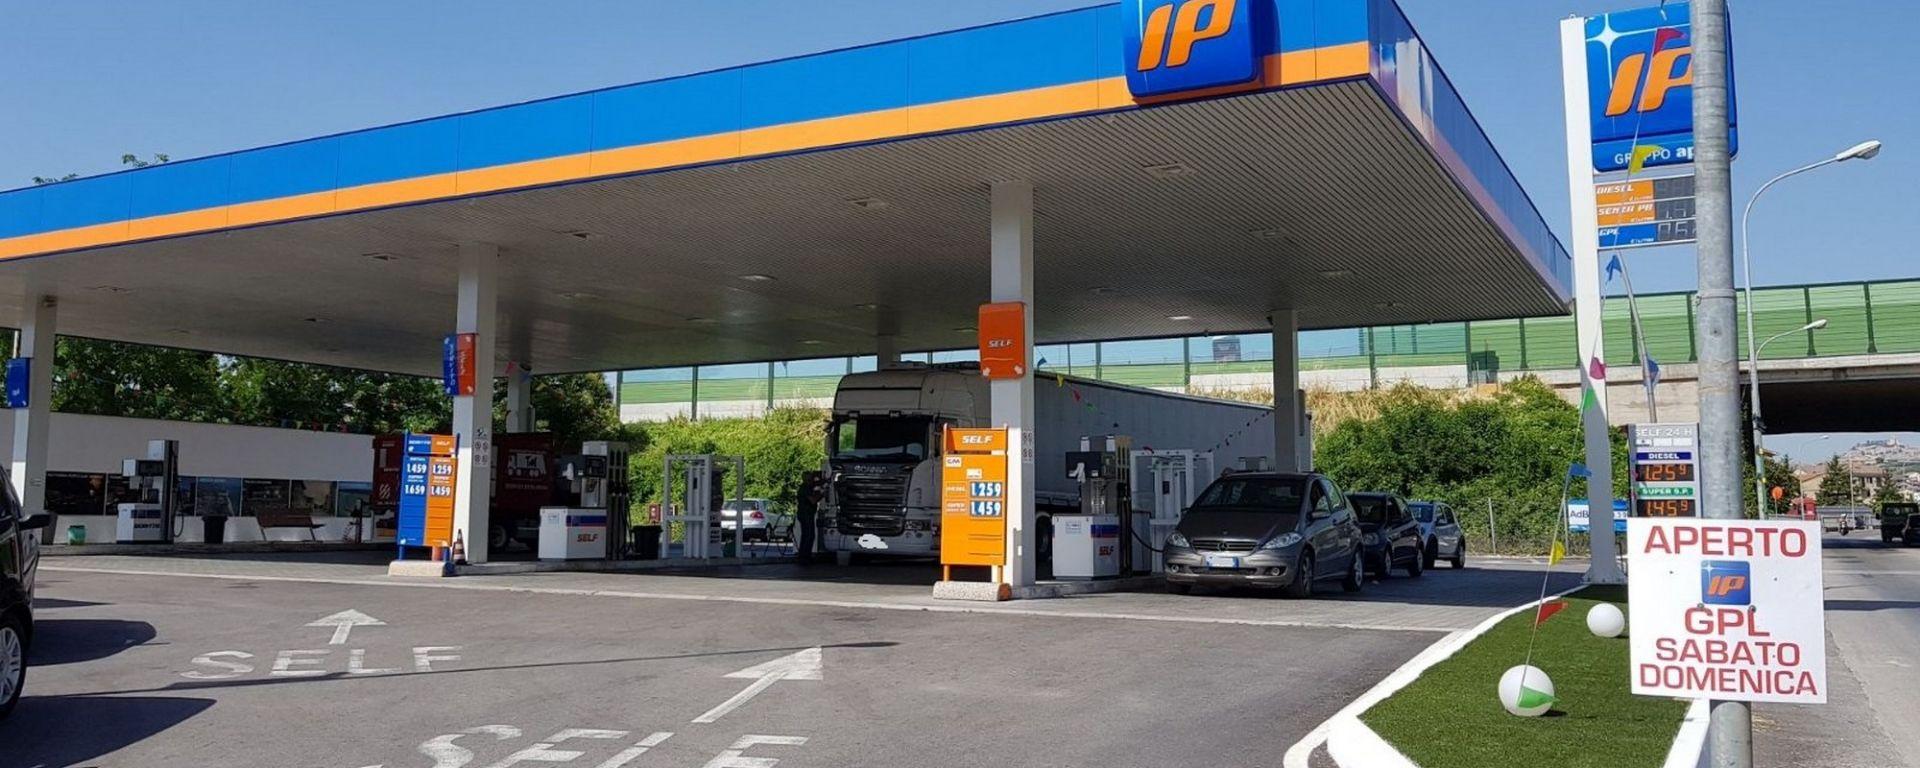 Revocato lo sciopero, benzinai aperti anche domani 26 giugno